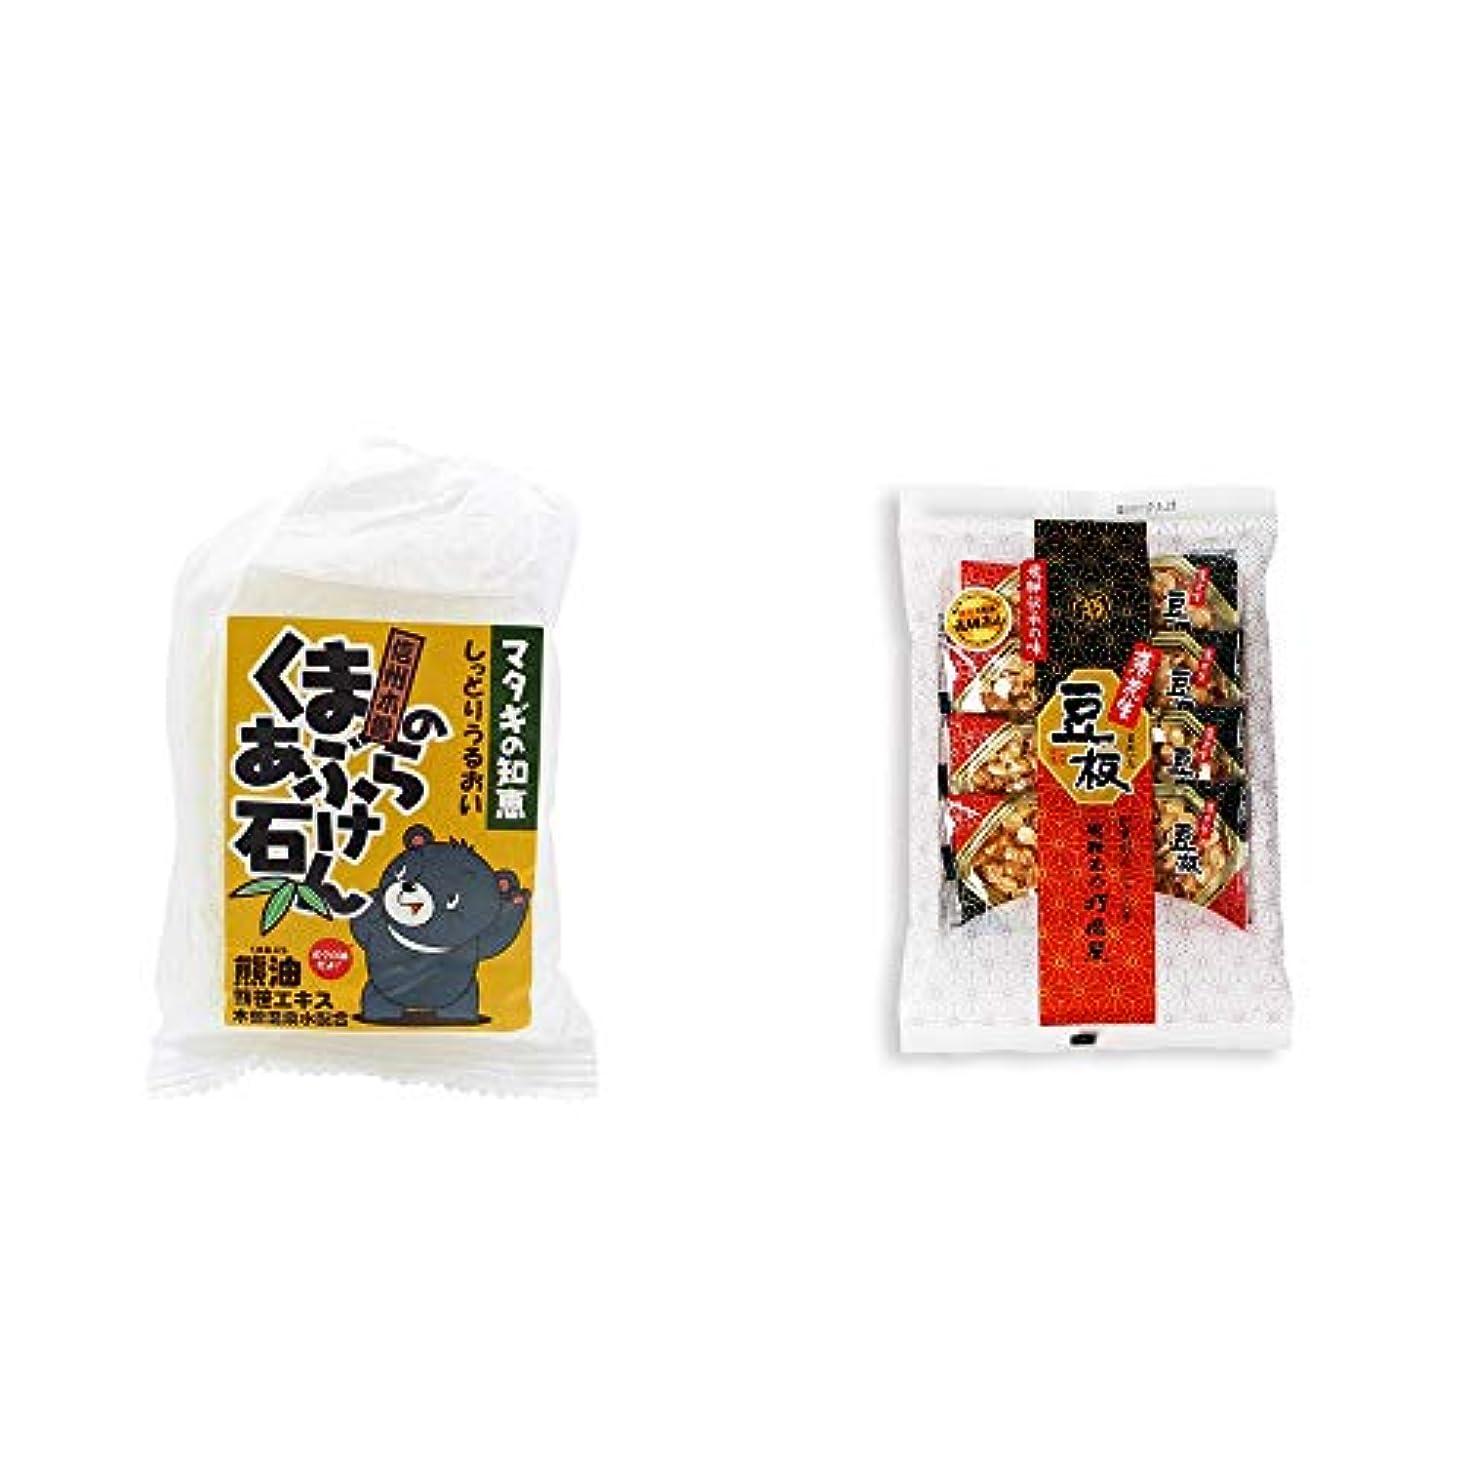 [2点セット] 信州木曽 くまのあぶら石けん(80g)?飛騨銘菓「打保屋」の駄菓子 豆板(8枚入)